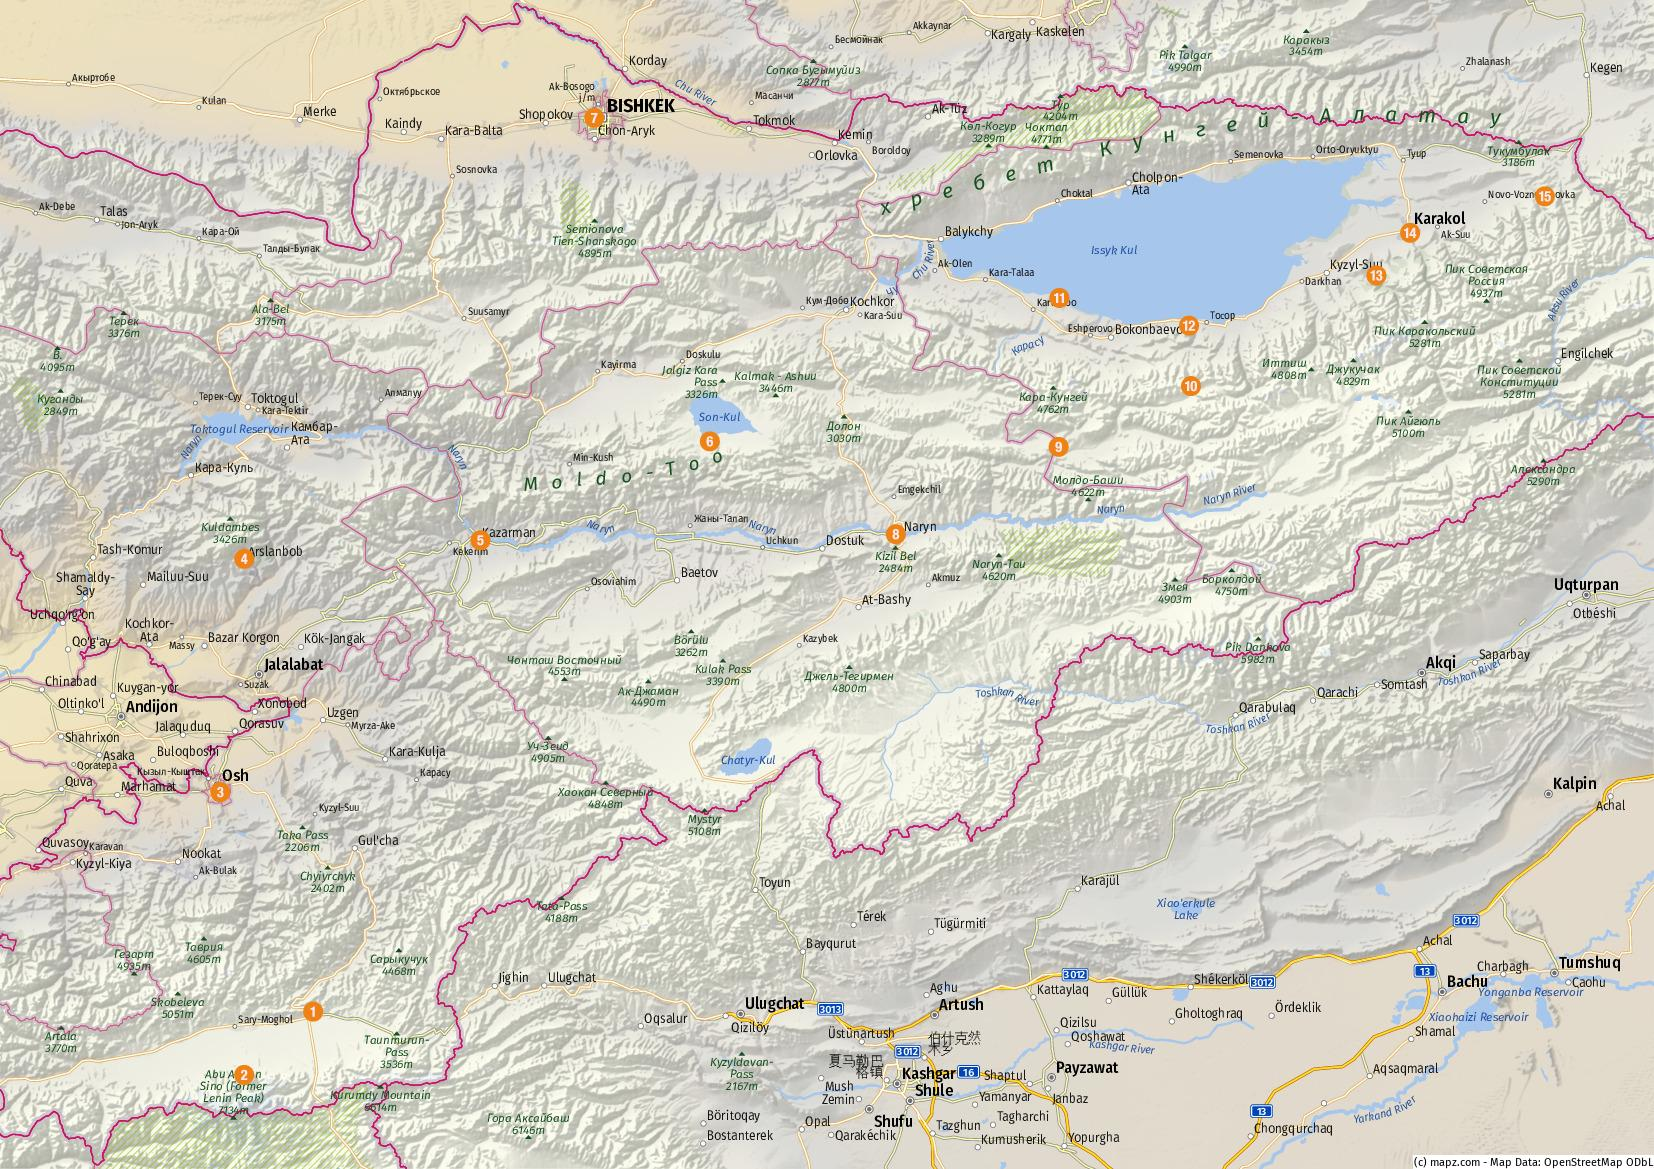 Übersicht der besuchten Highlights – Karte erstellt mit www.mapz.com.